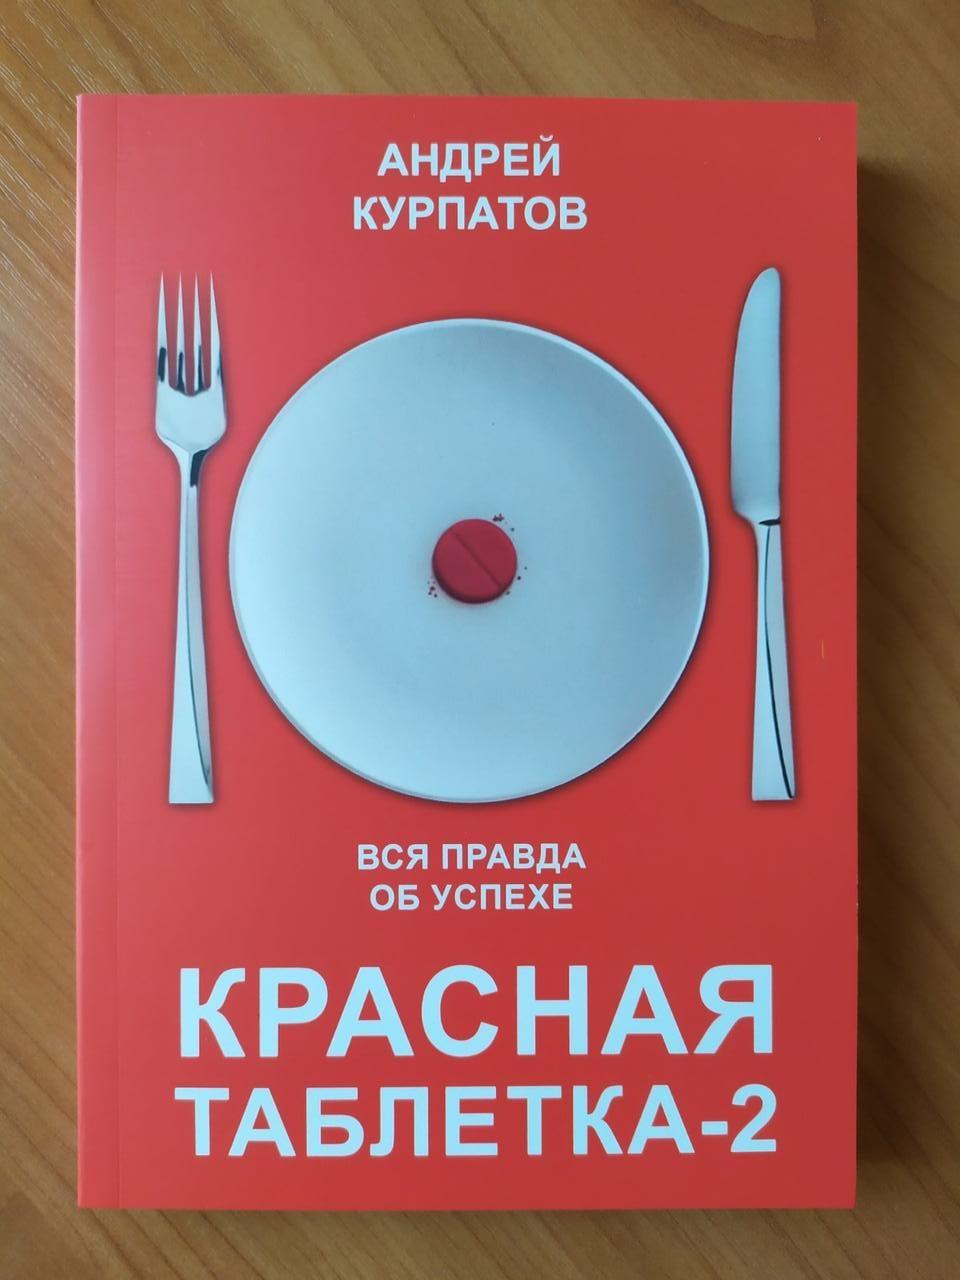 Андрій Курпатов. Червона пігулка - 2. Вся правда про успіх